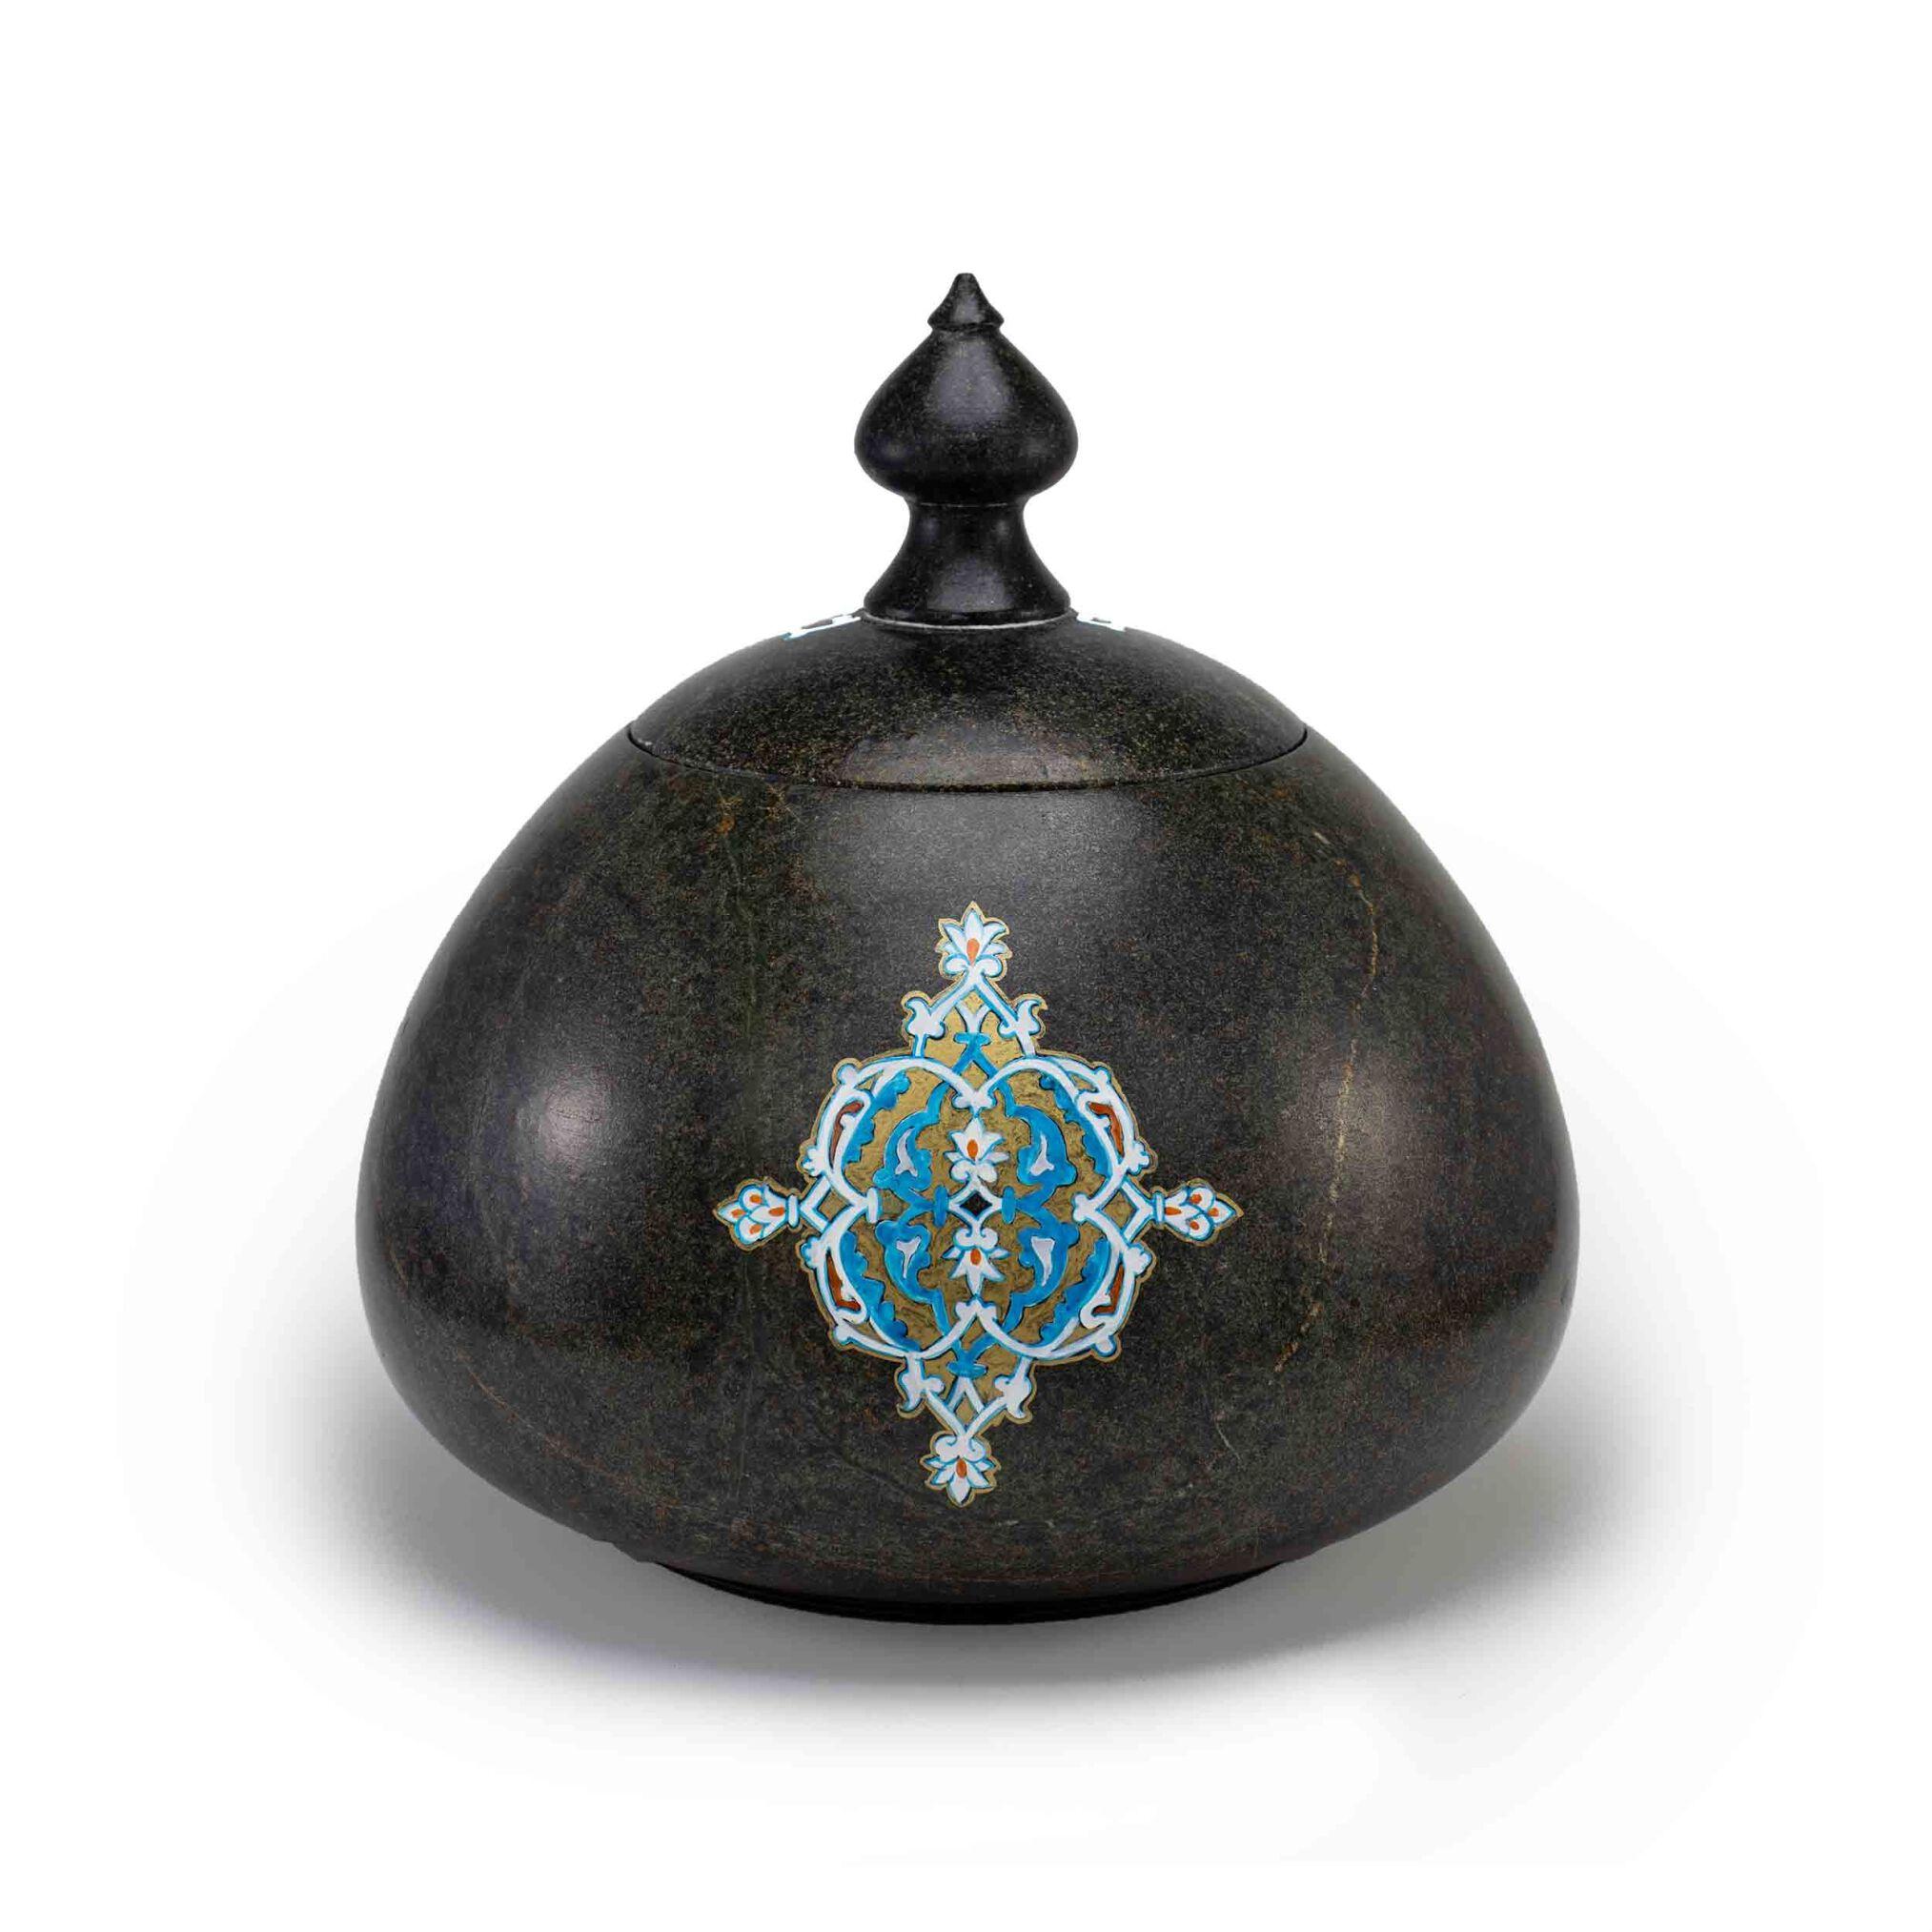 شکلات خوری سنگی ساخته شده از سنگ سرپانتین